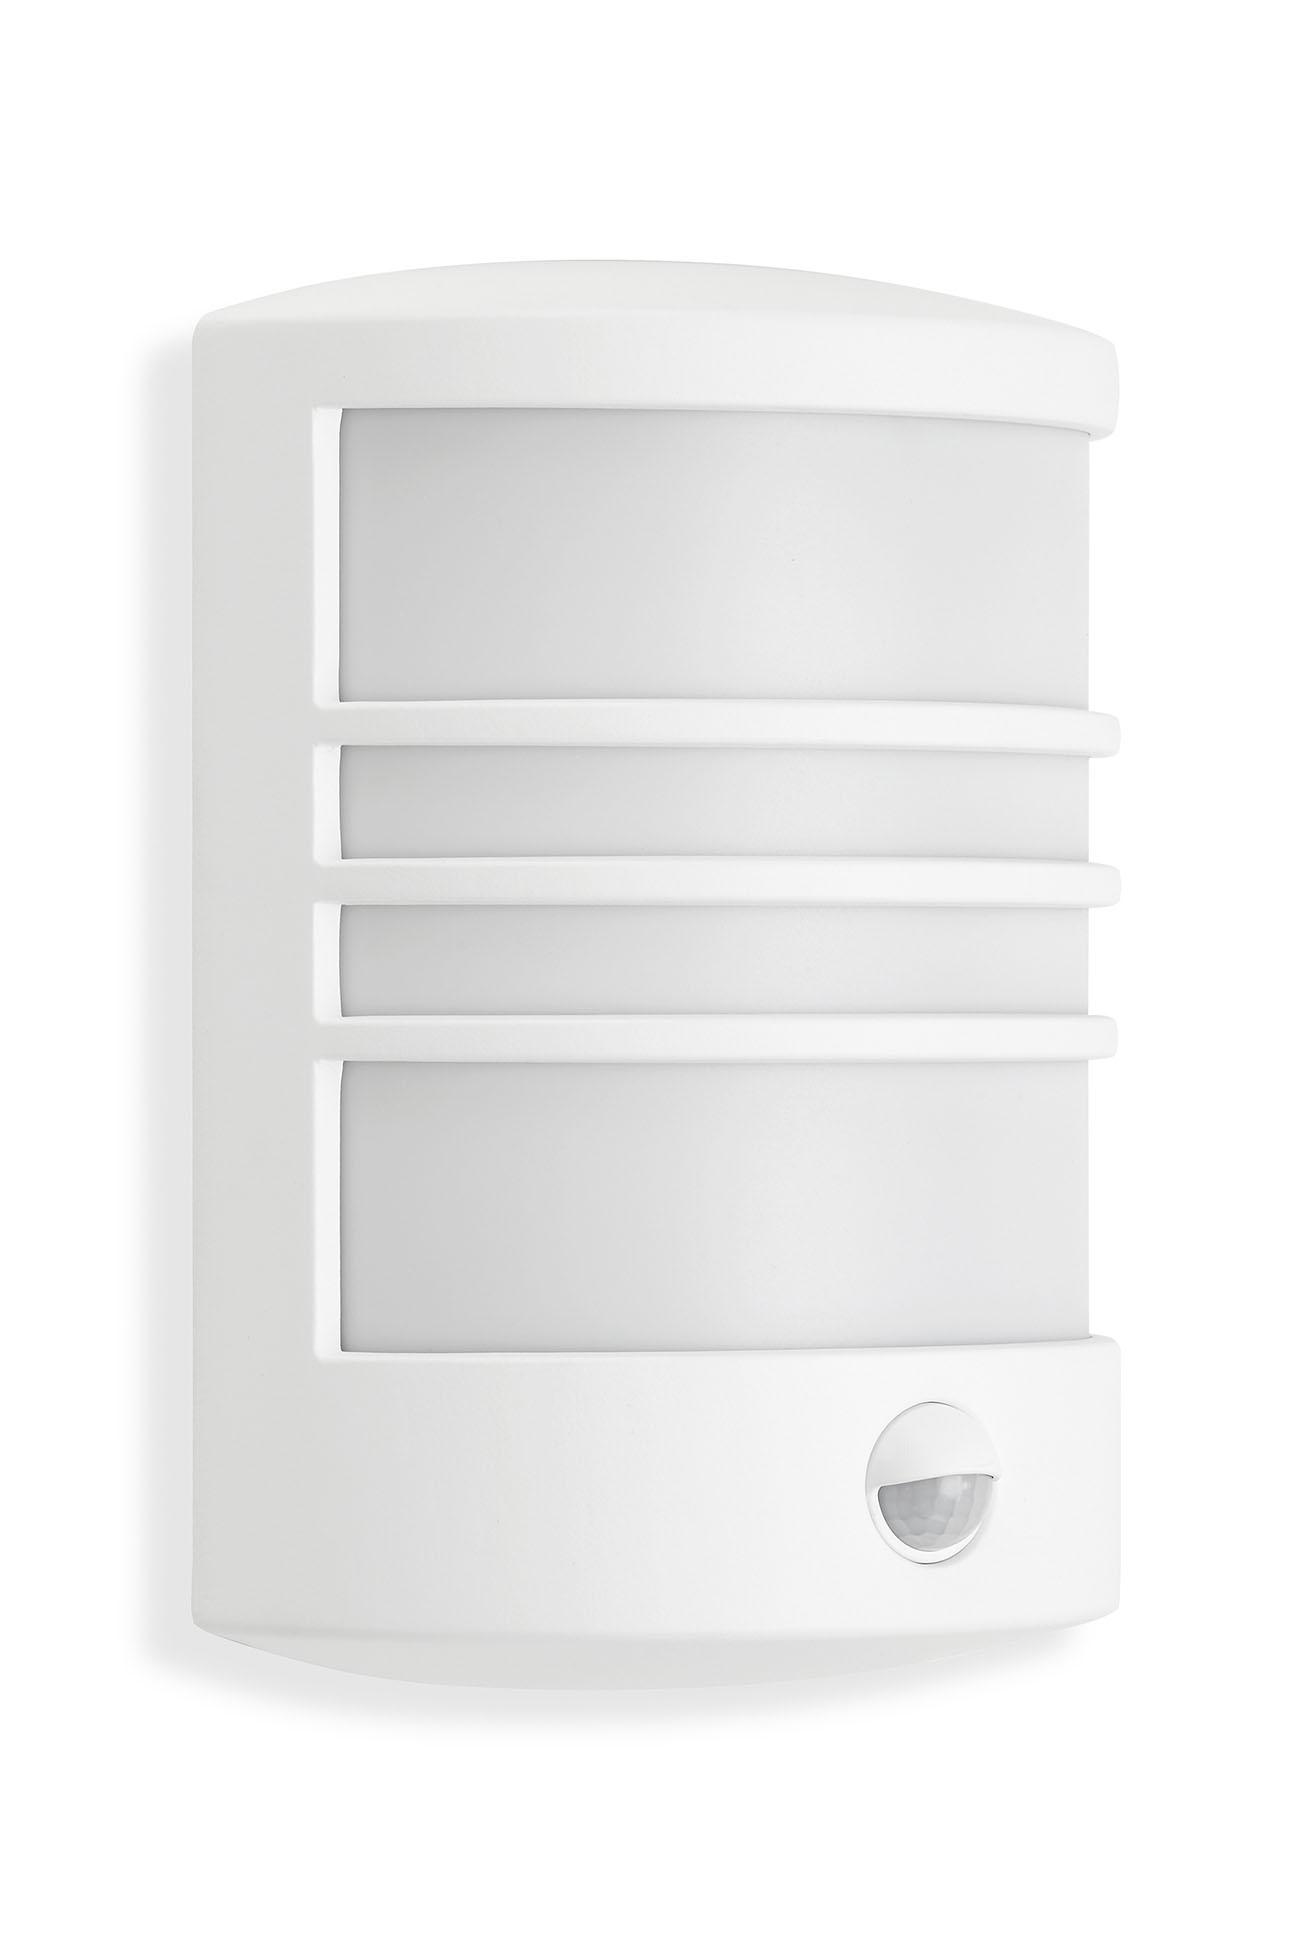 TELEFUNKEN LED Aussenwandleuchte, 18 cm, 12 W, Weiss